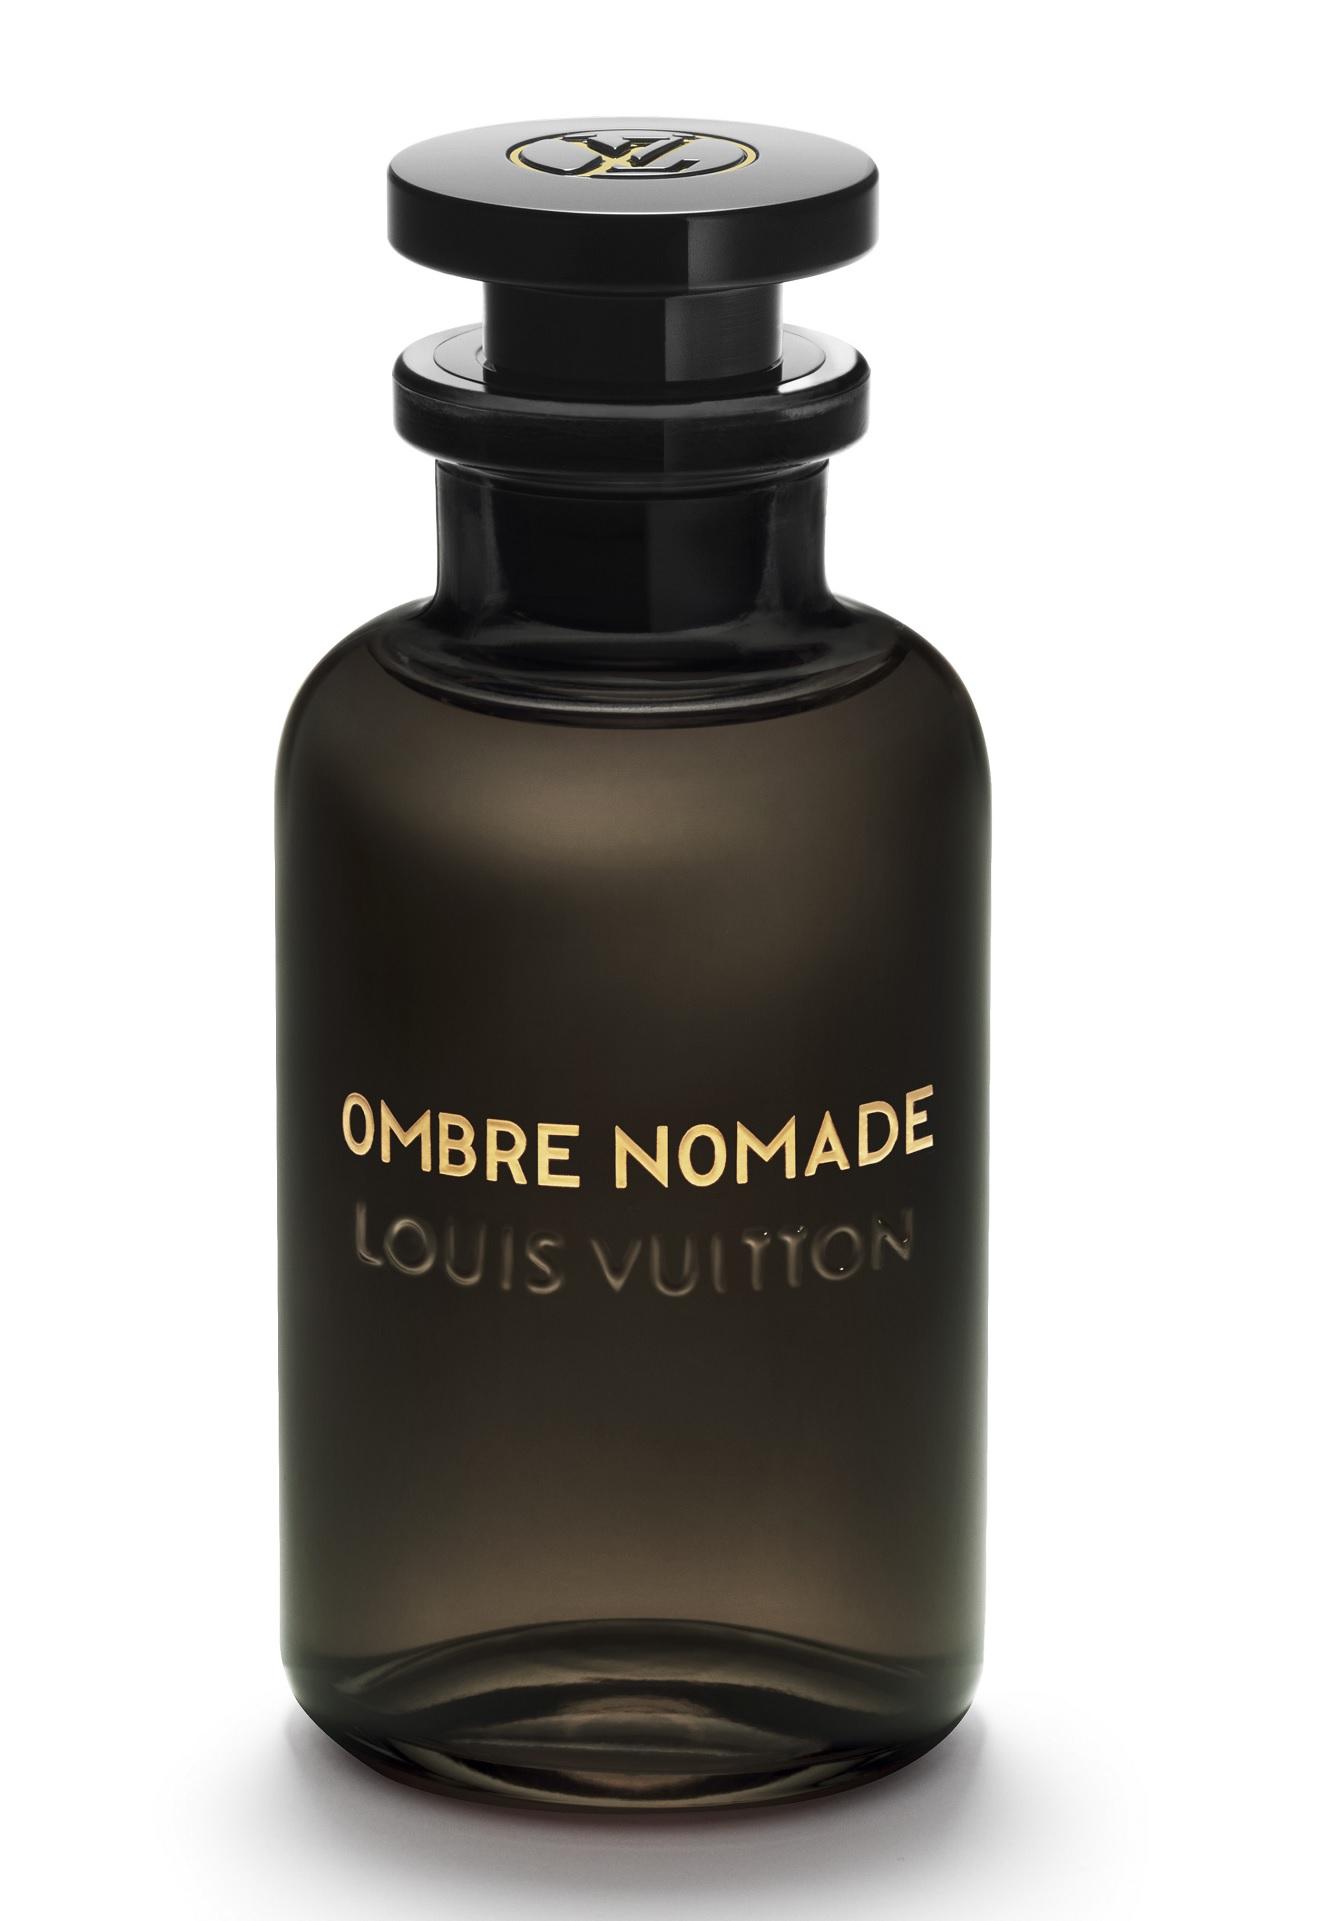 5dab15f79 Ombre Nomade Louis Vuitton perfume - una nuevo fragancia para ...